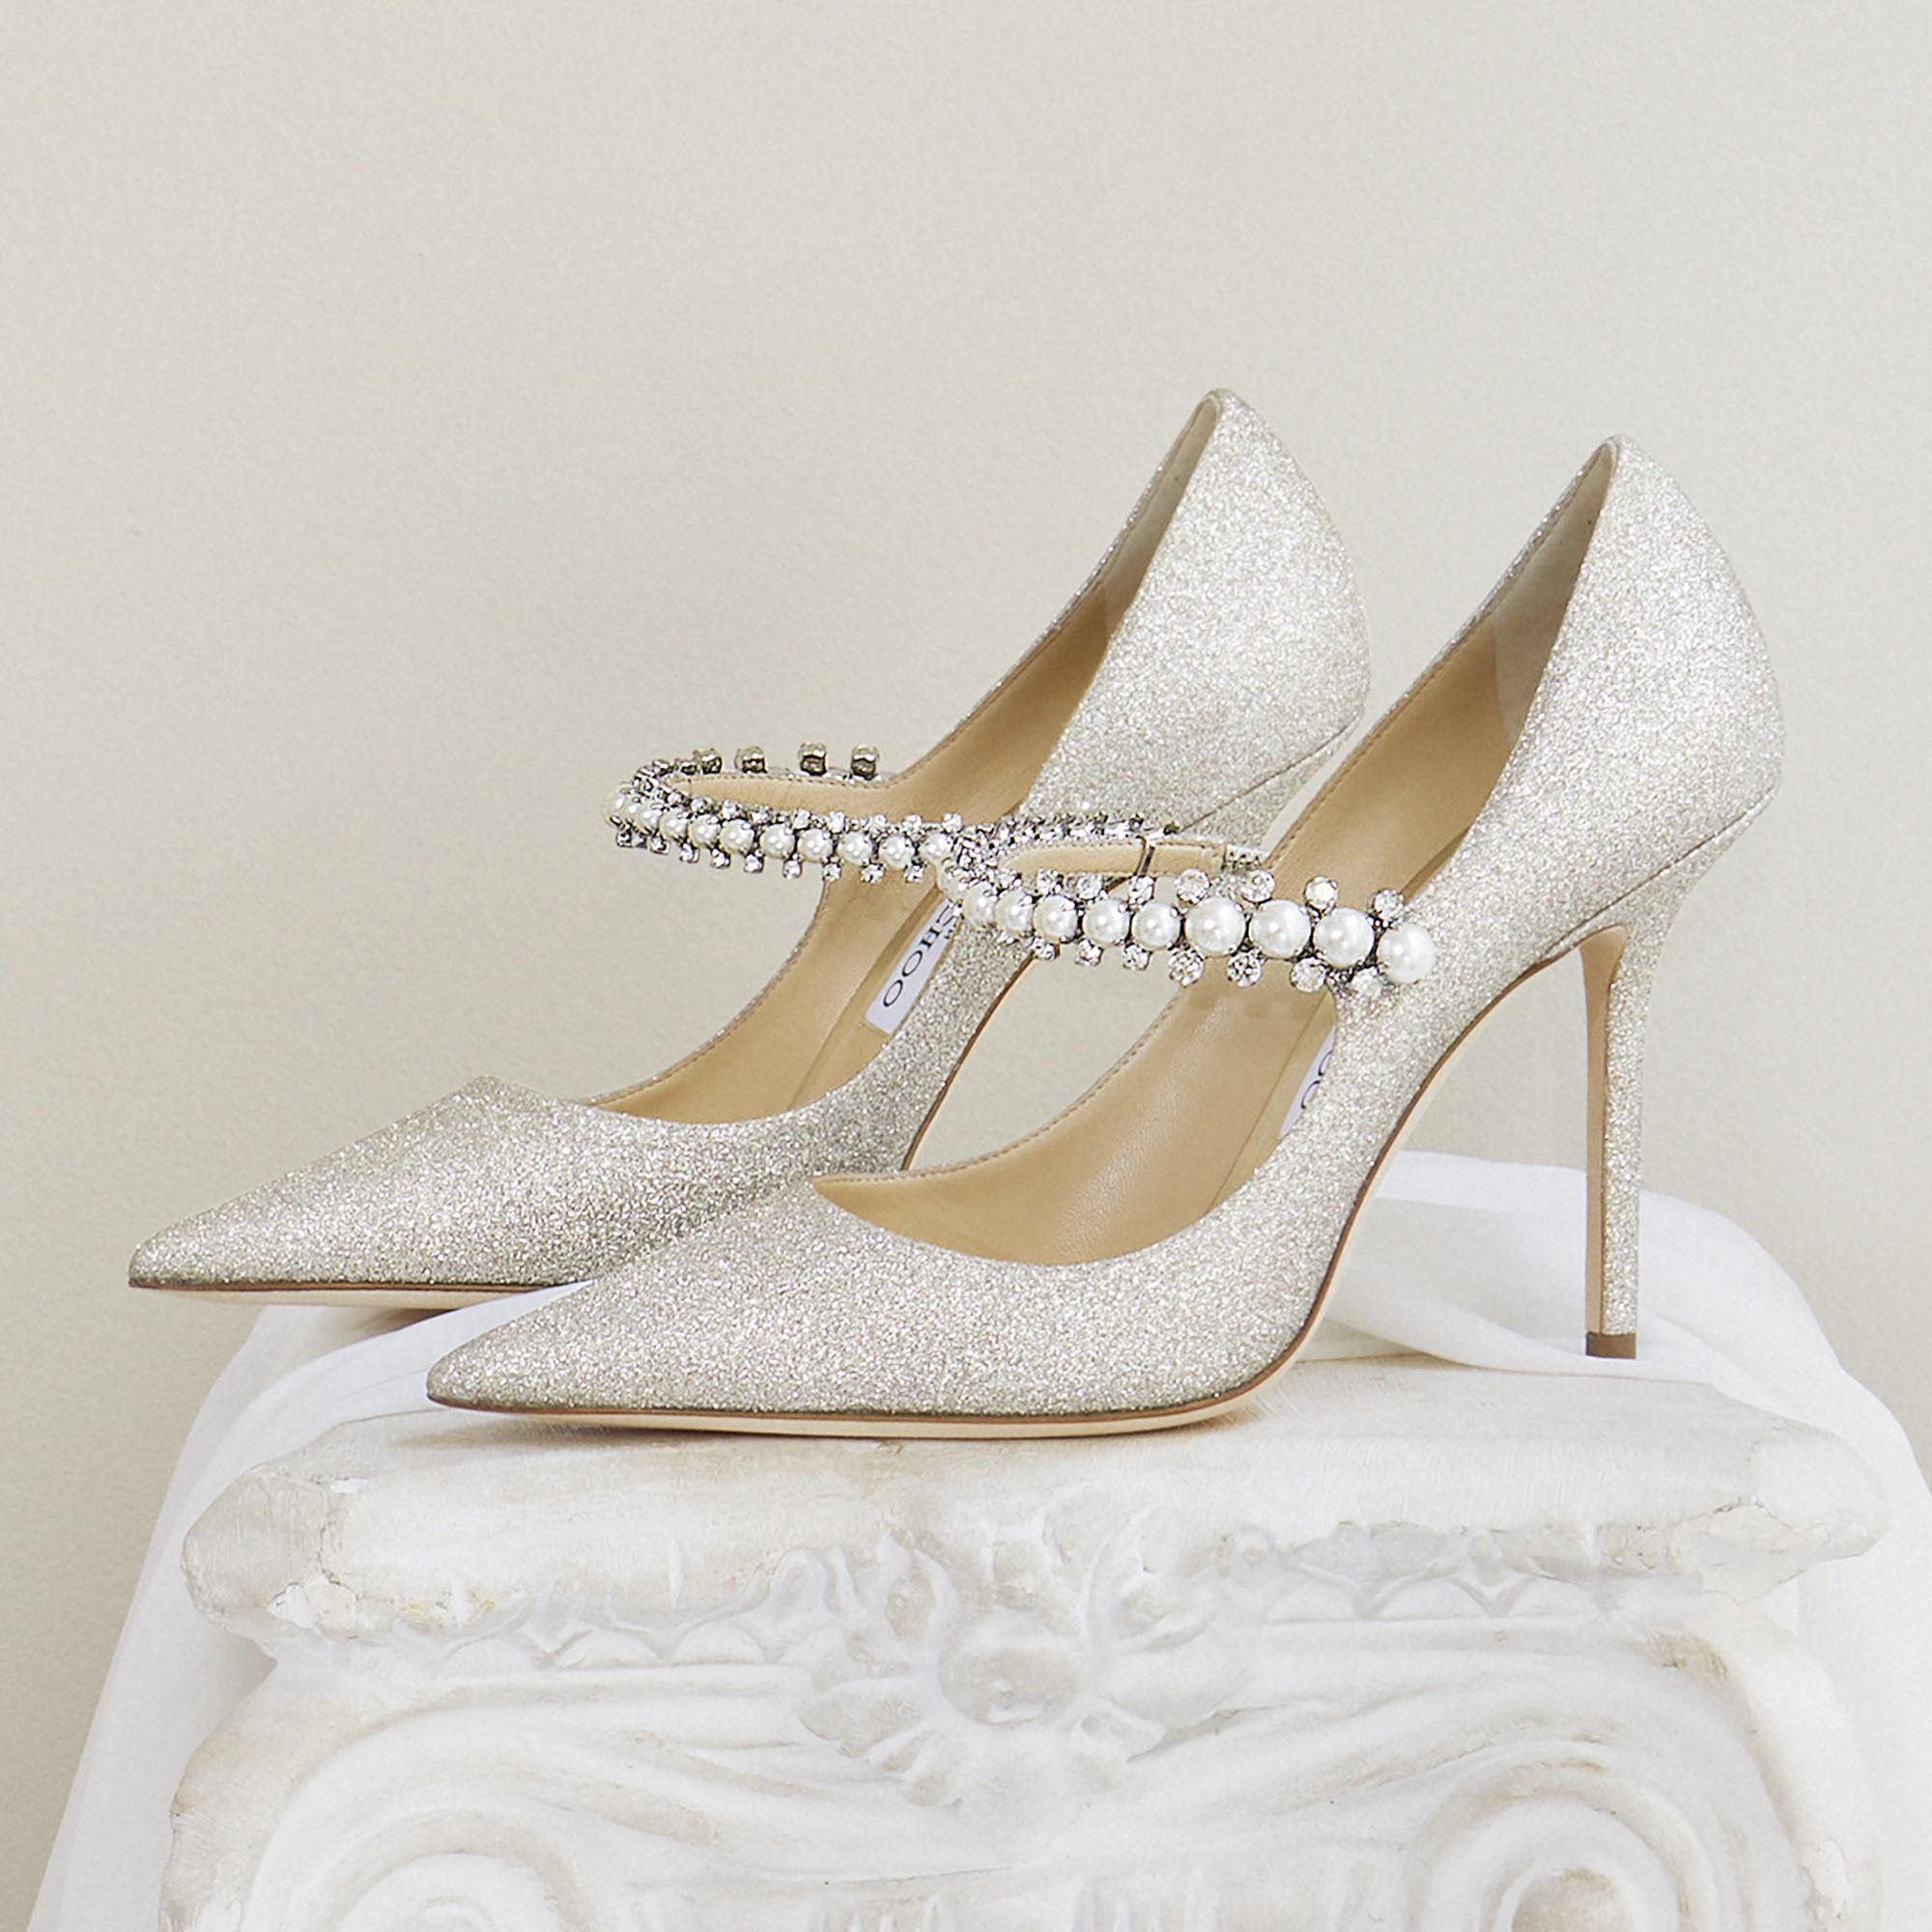 """""""Pumps"""" con detalles en cristales y perlas, modelo Baily 100, de Jimmy Choo (Suministrada)"""